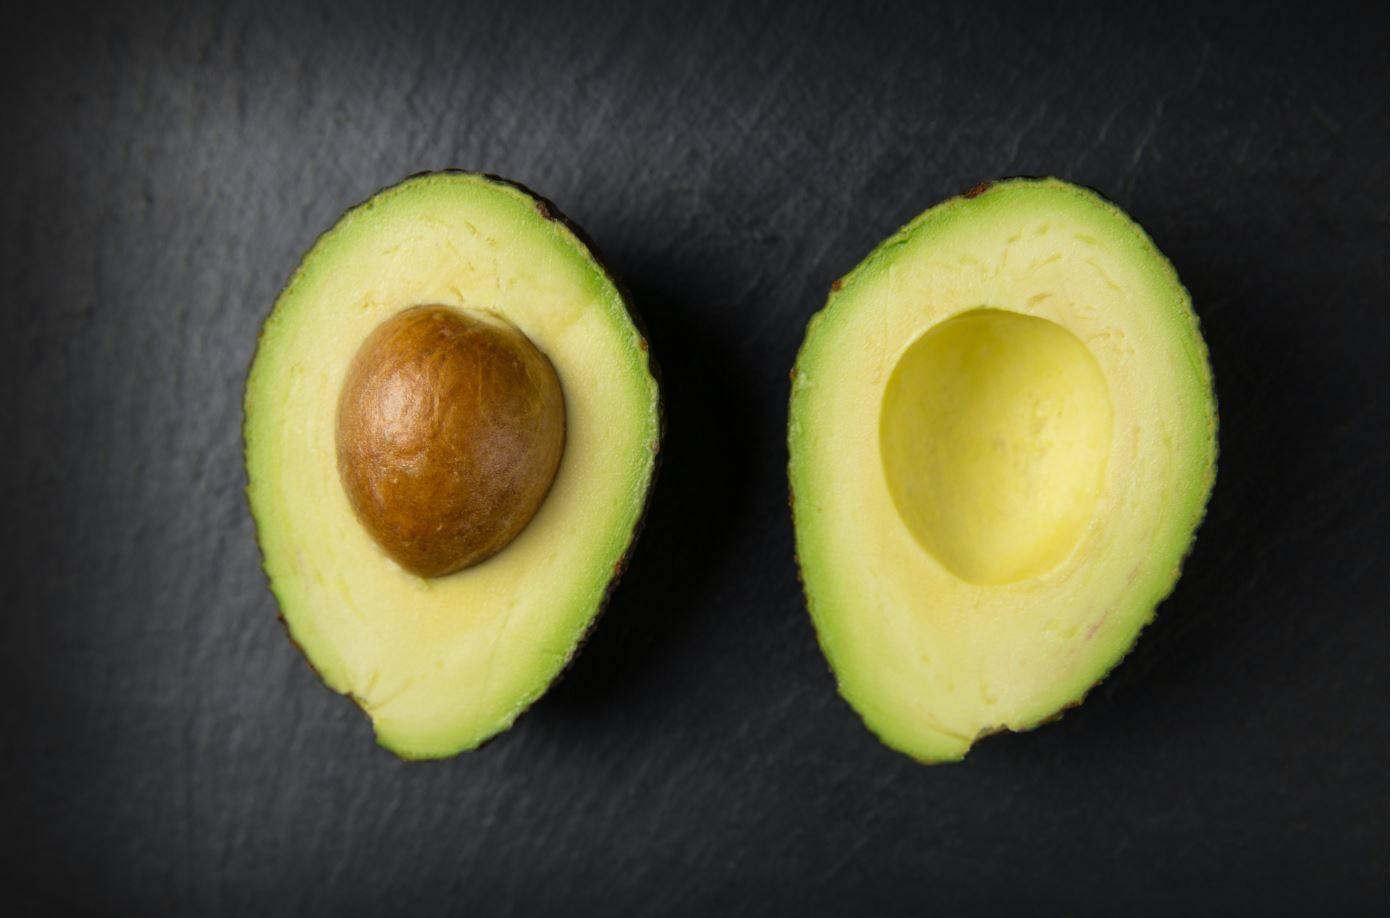 Zijn avocado's gezond?